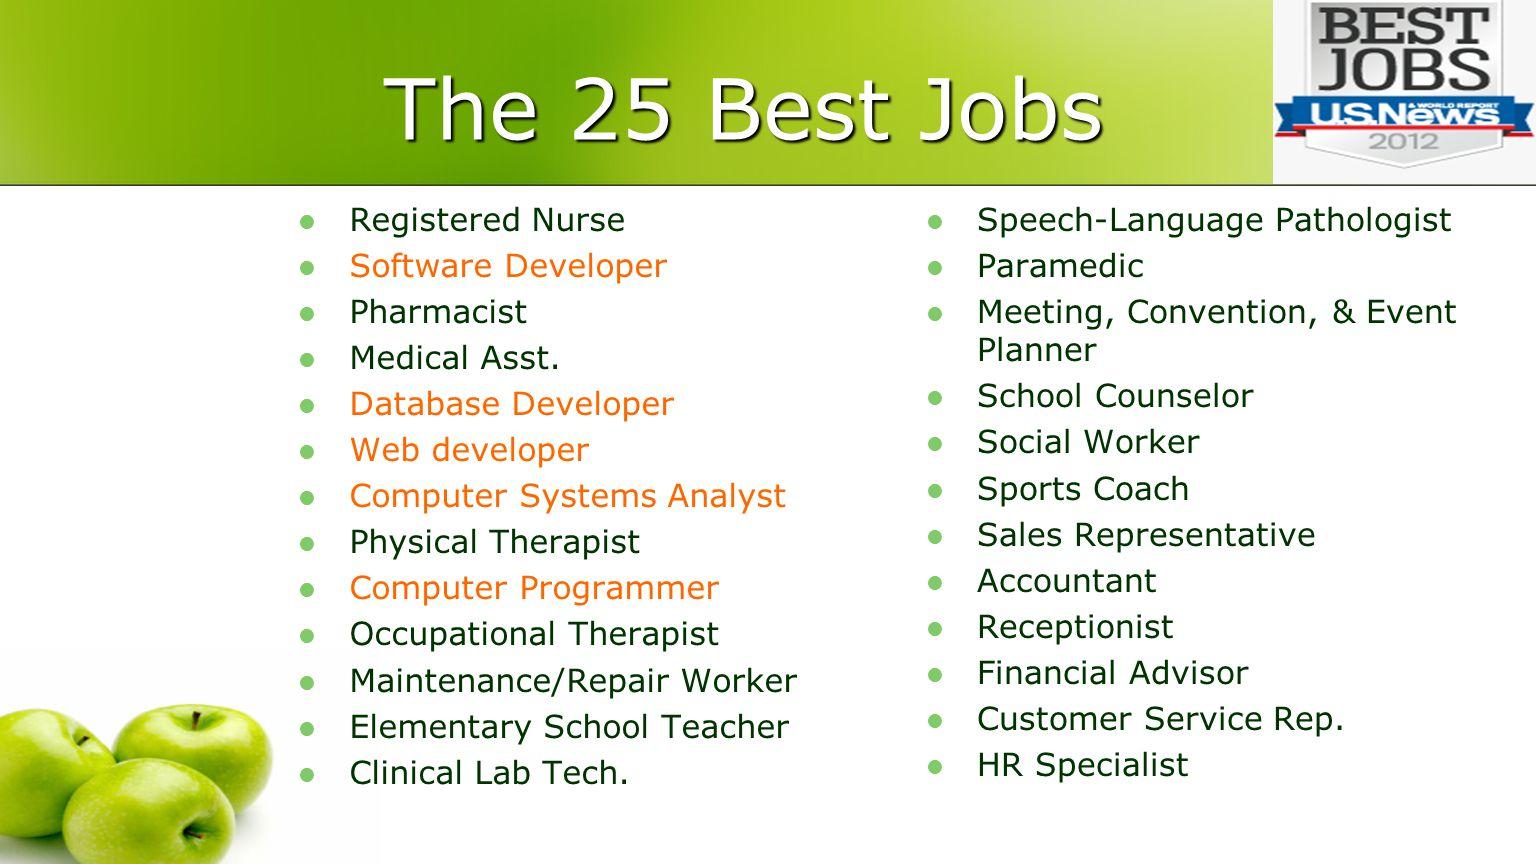 The 25 Best Jobs Registered Nurse Software Developer Pharmacist Medical Asst.